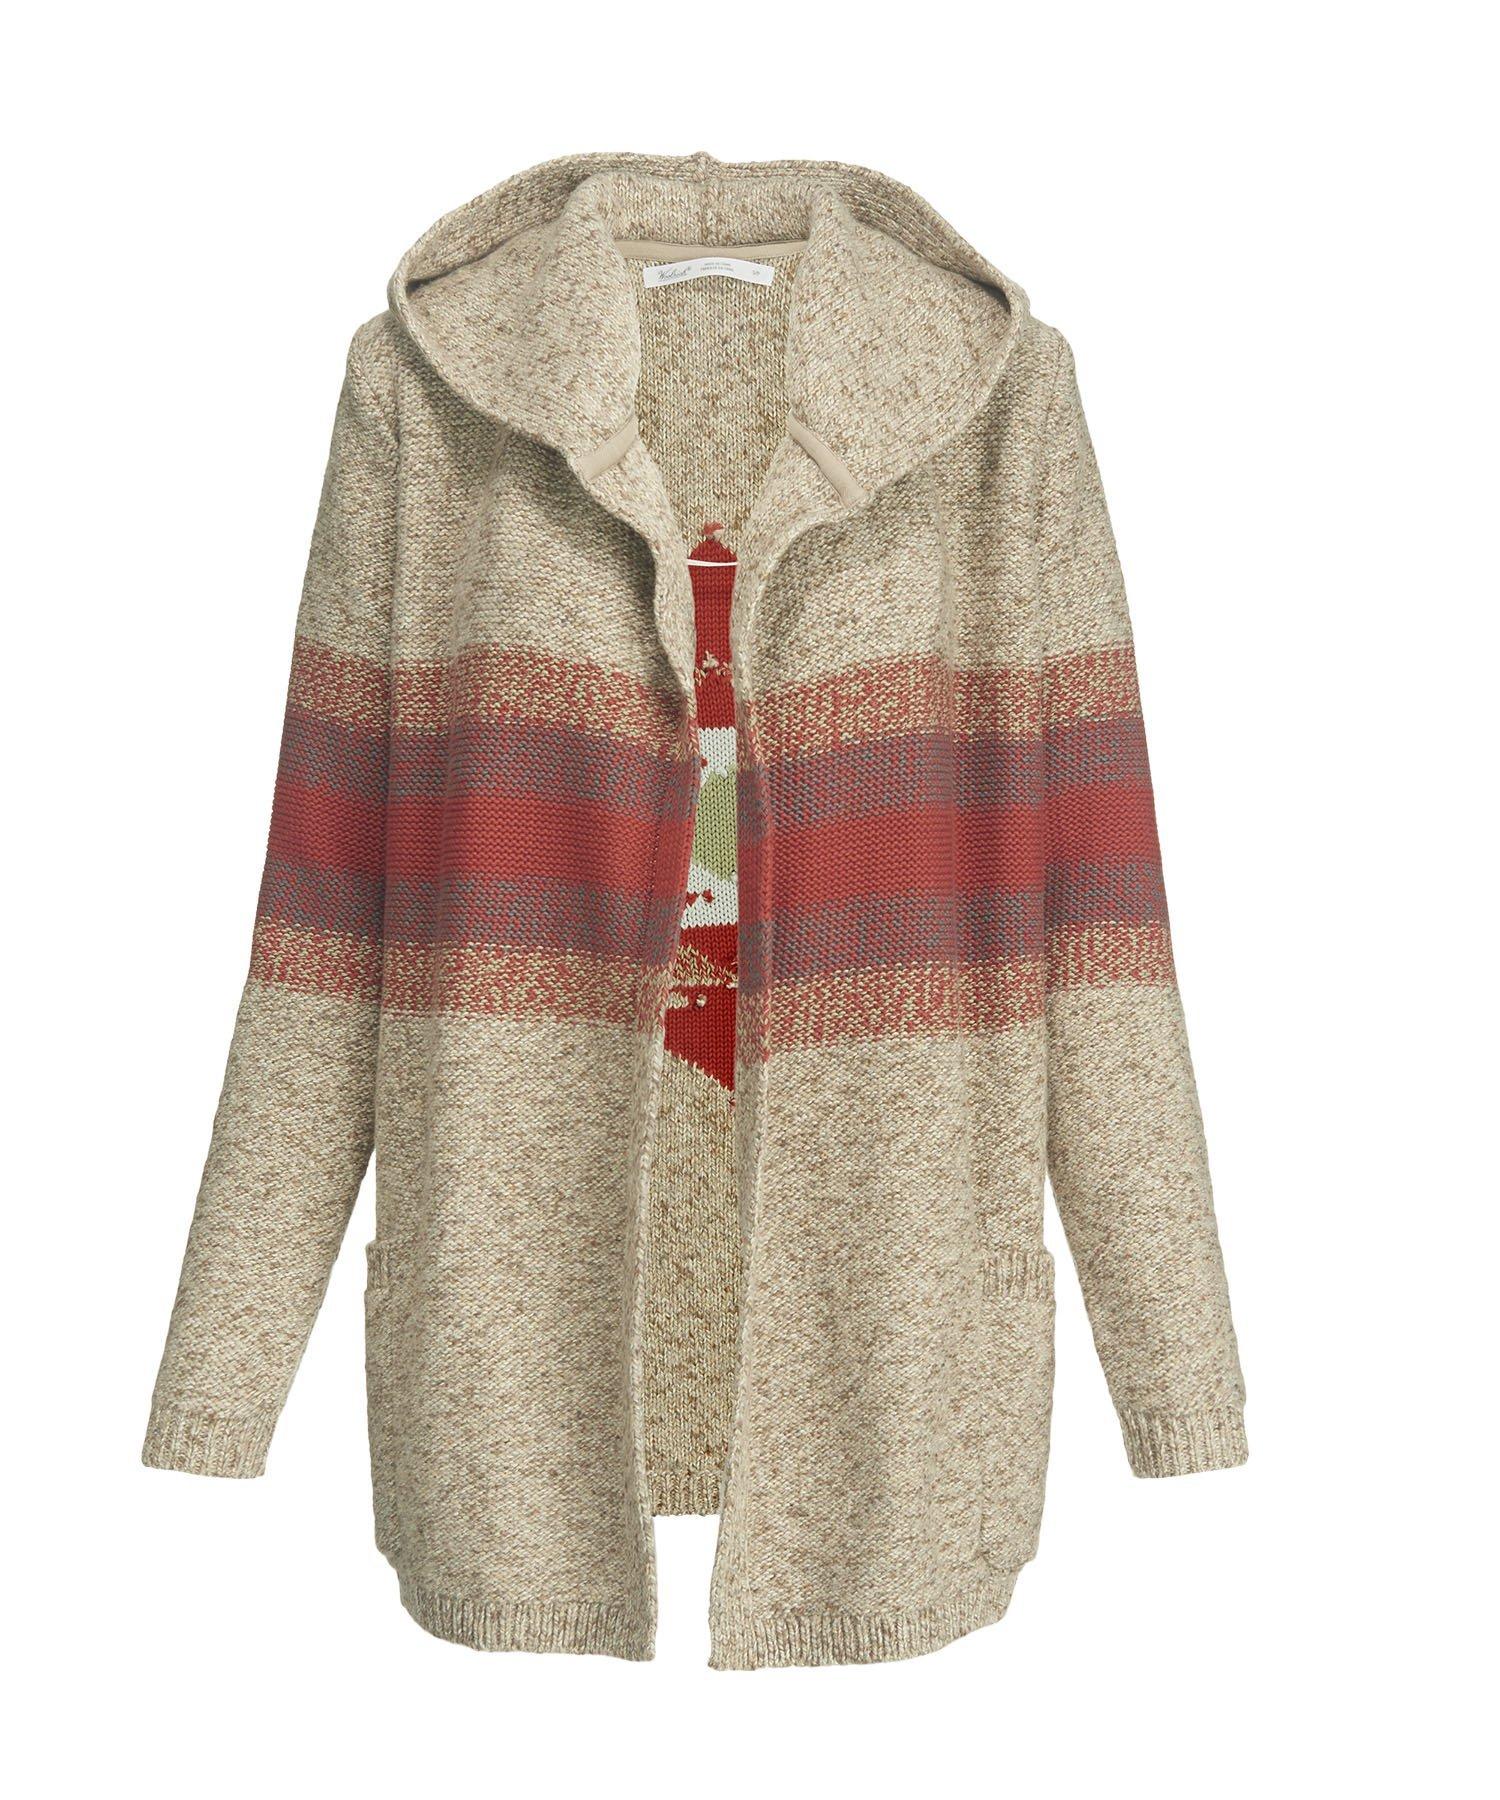 Woolrich Women's Blue Spruce Cardigan Sweater Coat, BURLAP MARL (Beige), Size L by Woolrich (Image #1)